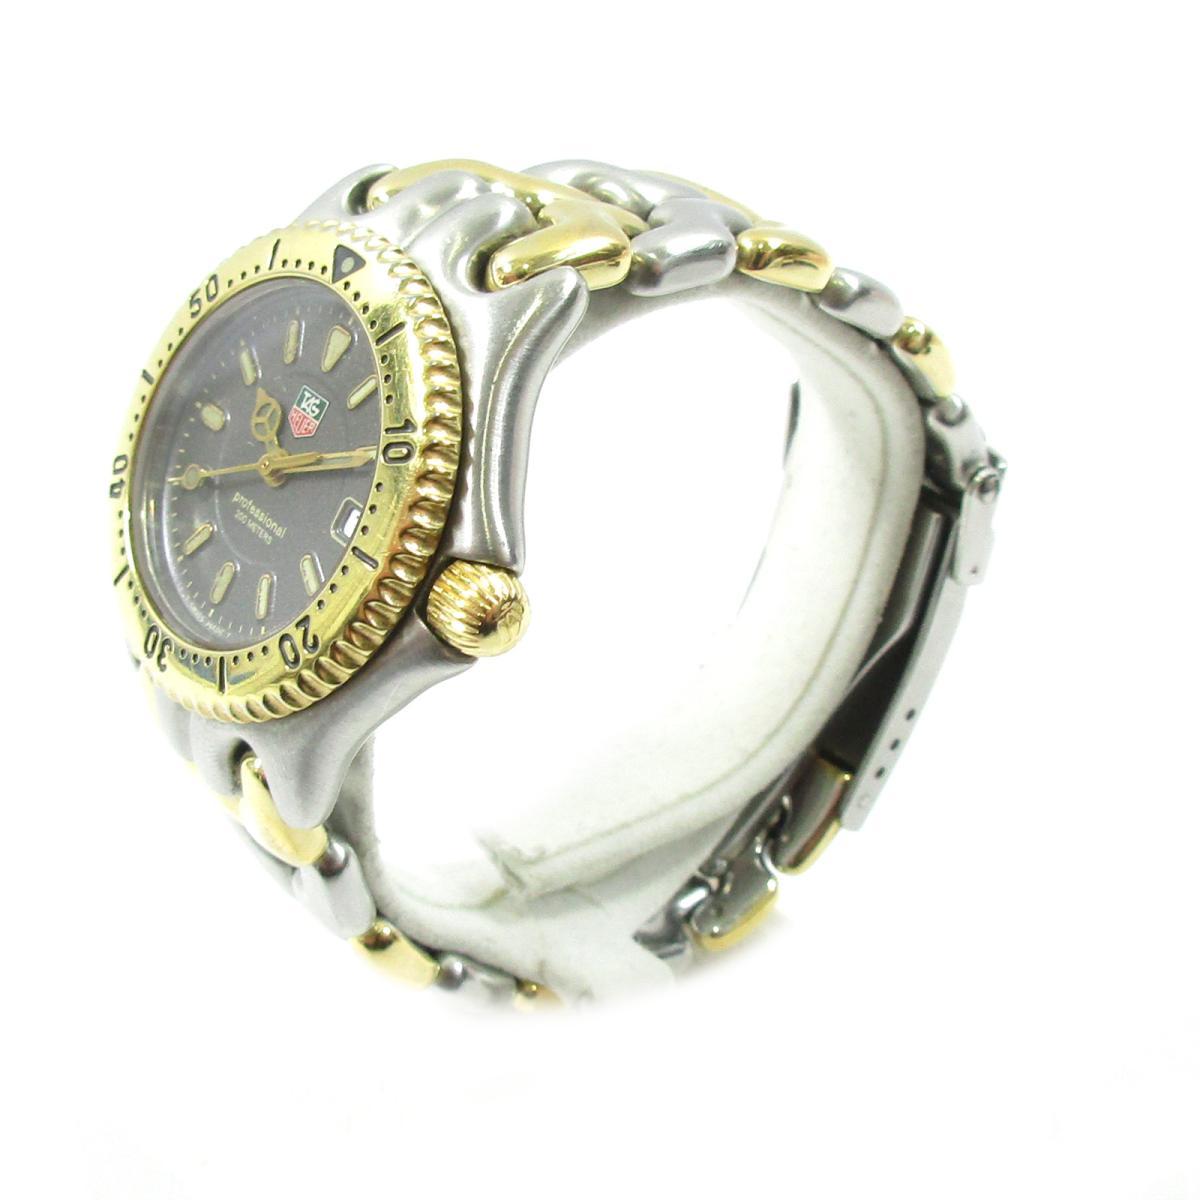 タグ・ホイヤー セルシリーズ 腕時計 ウォッチ レディース 時計 ステンレススチールSSx GP ゴールドWG132eED9YWH2I